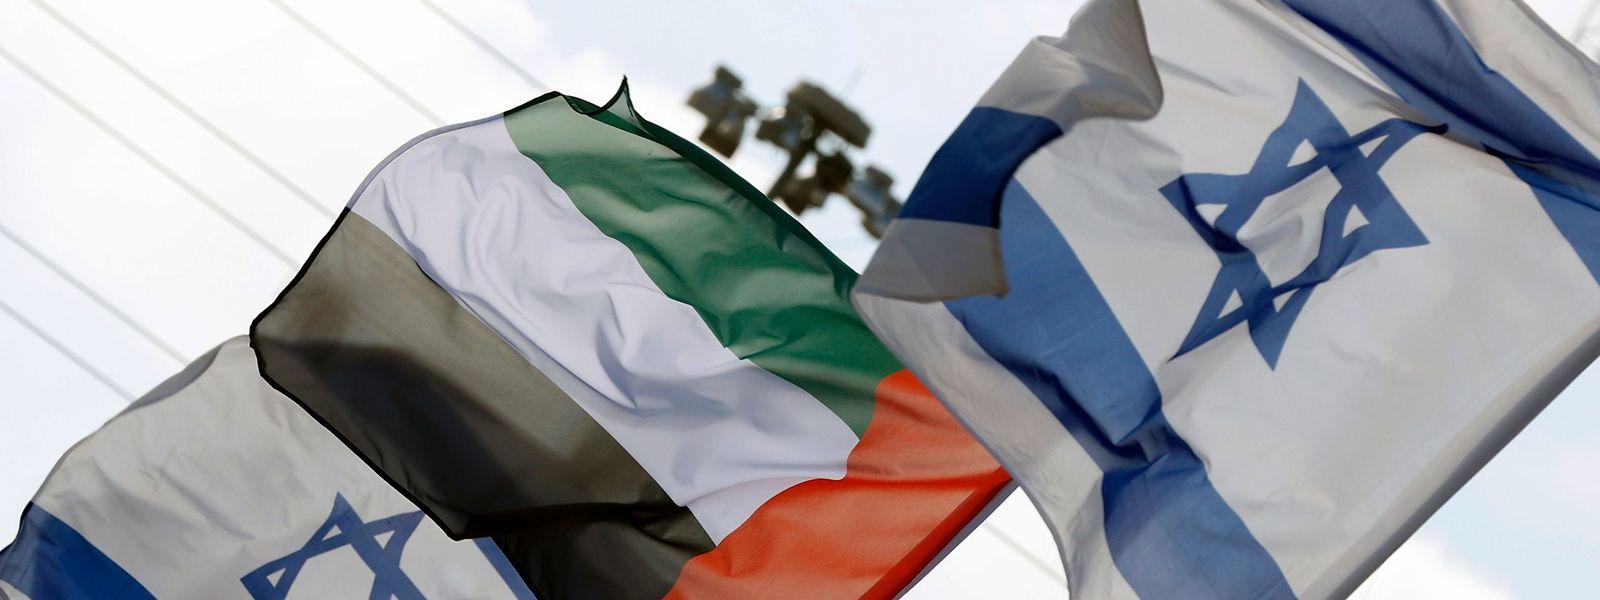 Die Annäherung zwischen Israel und den Vereinigten Arabischen Emiraten kam für Beobachter nicht überraschend.